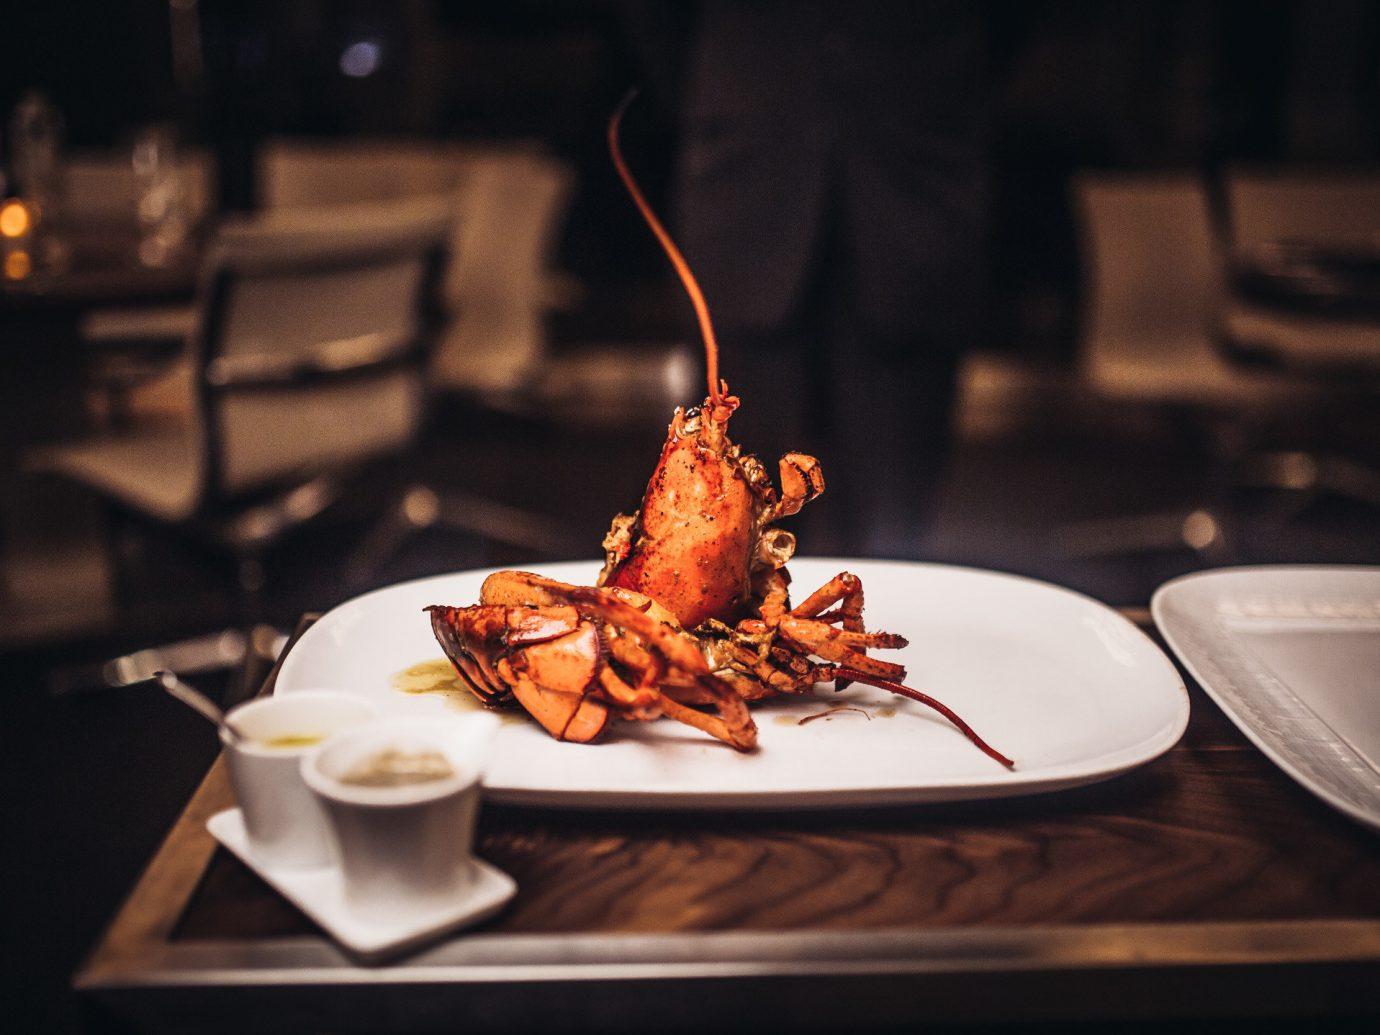 Food + Drink table plate food indoor meal restaurant sense Design Drink